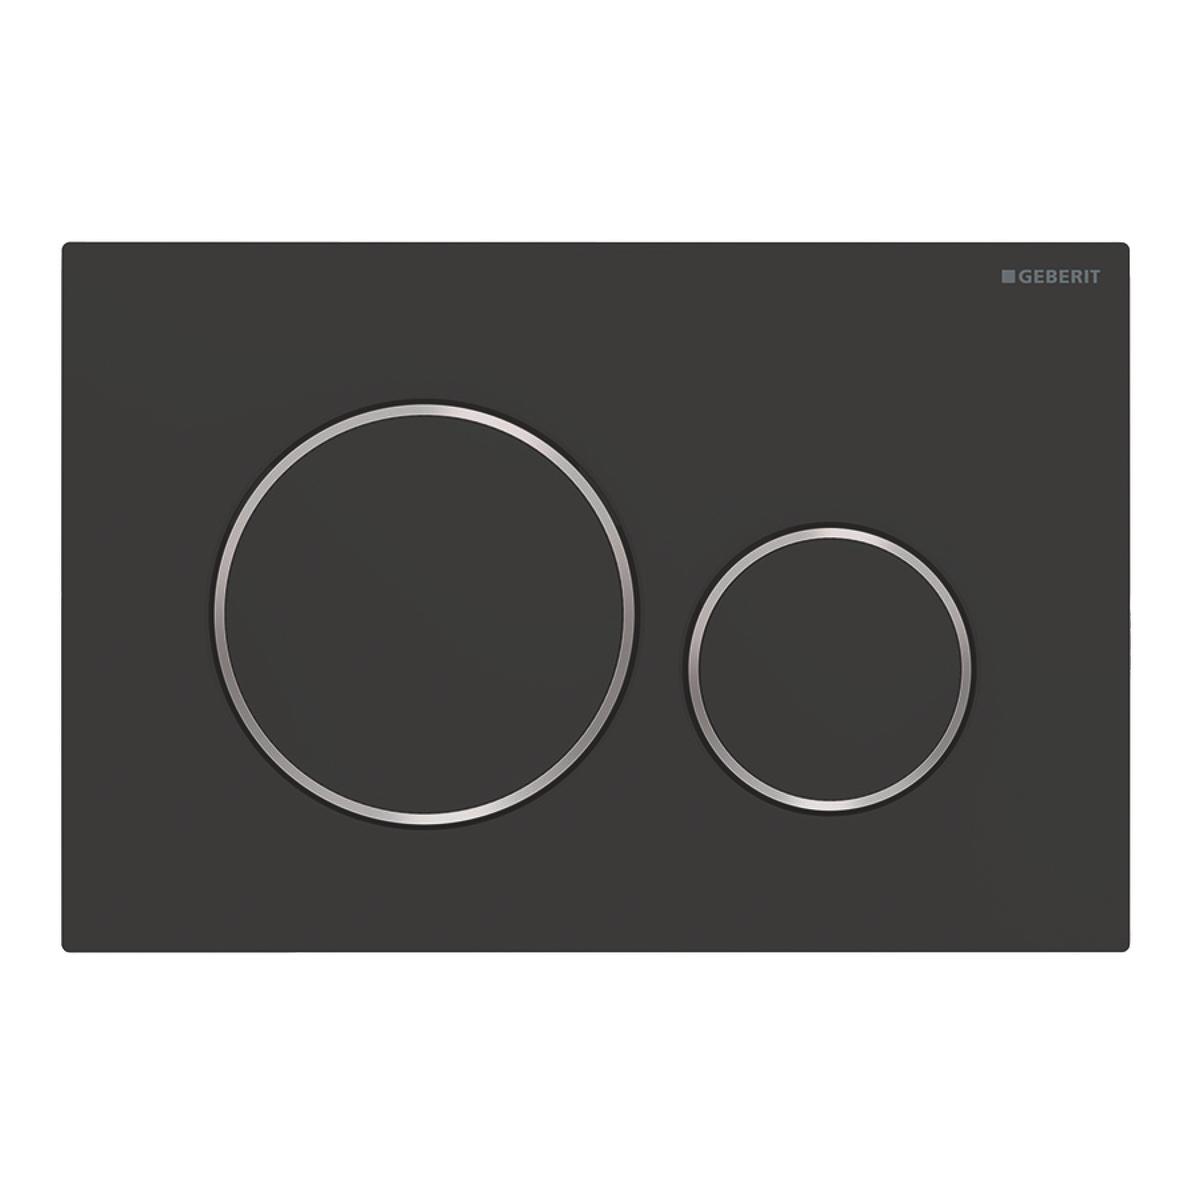 купить GEBERIT Sigma 20 115.882.14.1  (246x164мм)